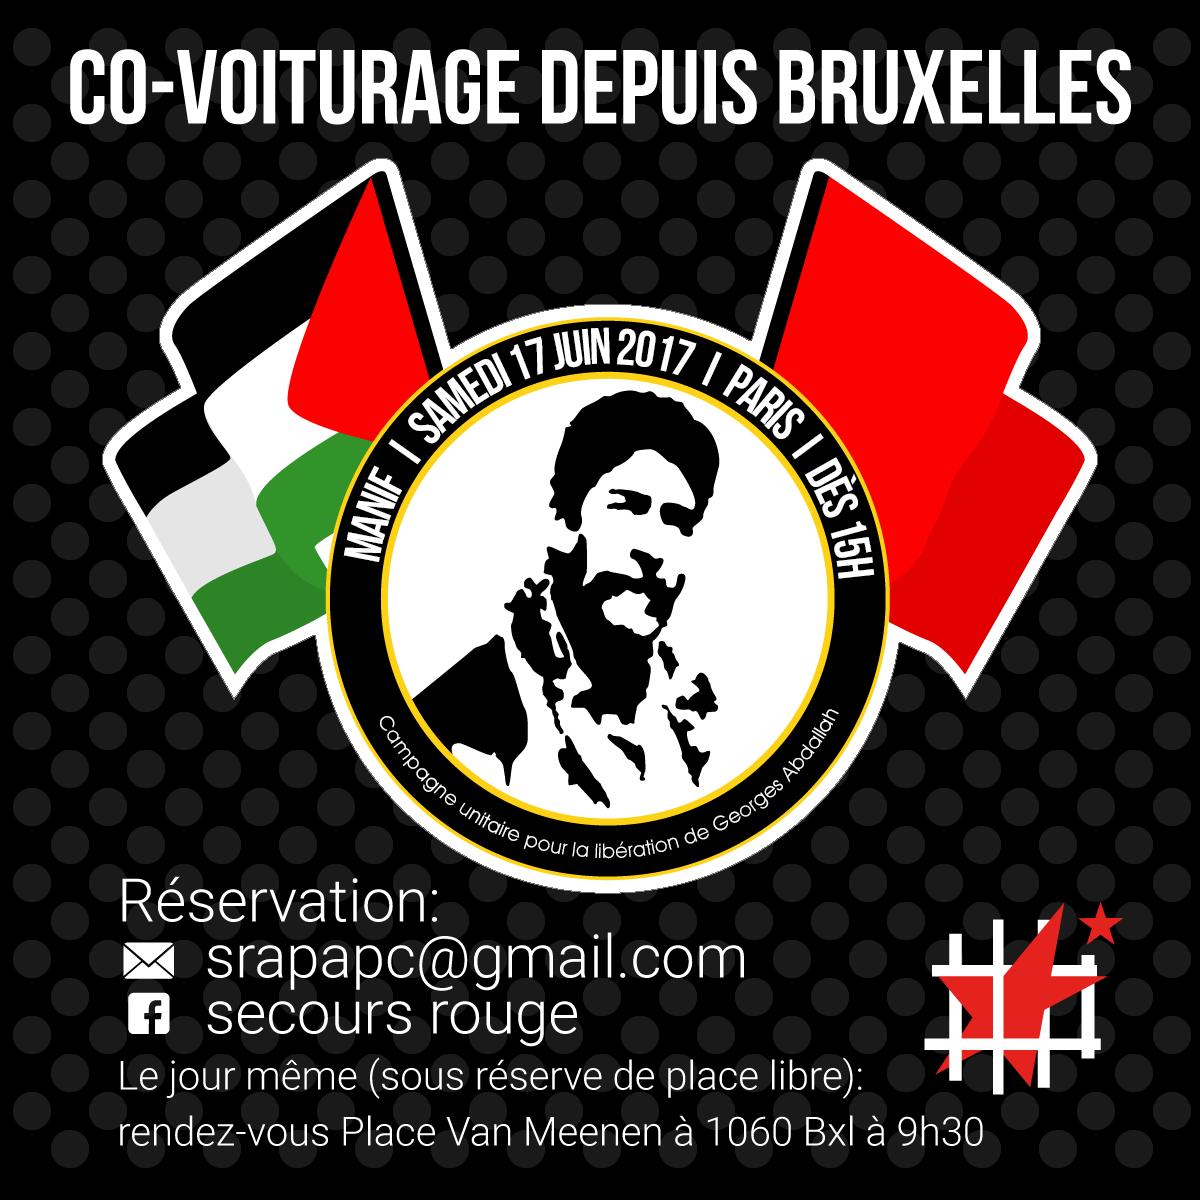 Covoiturage depuis Bruxelles